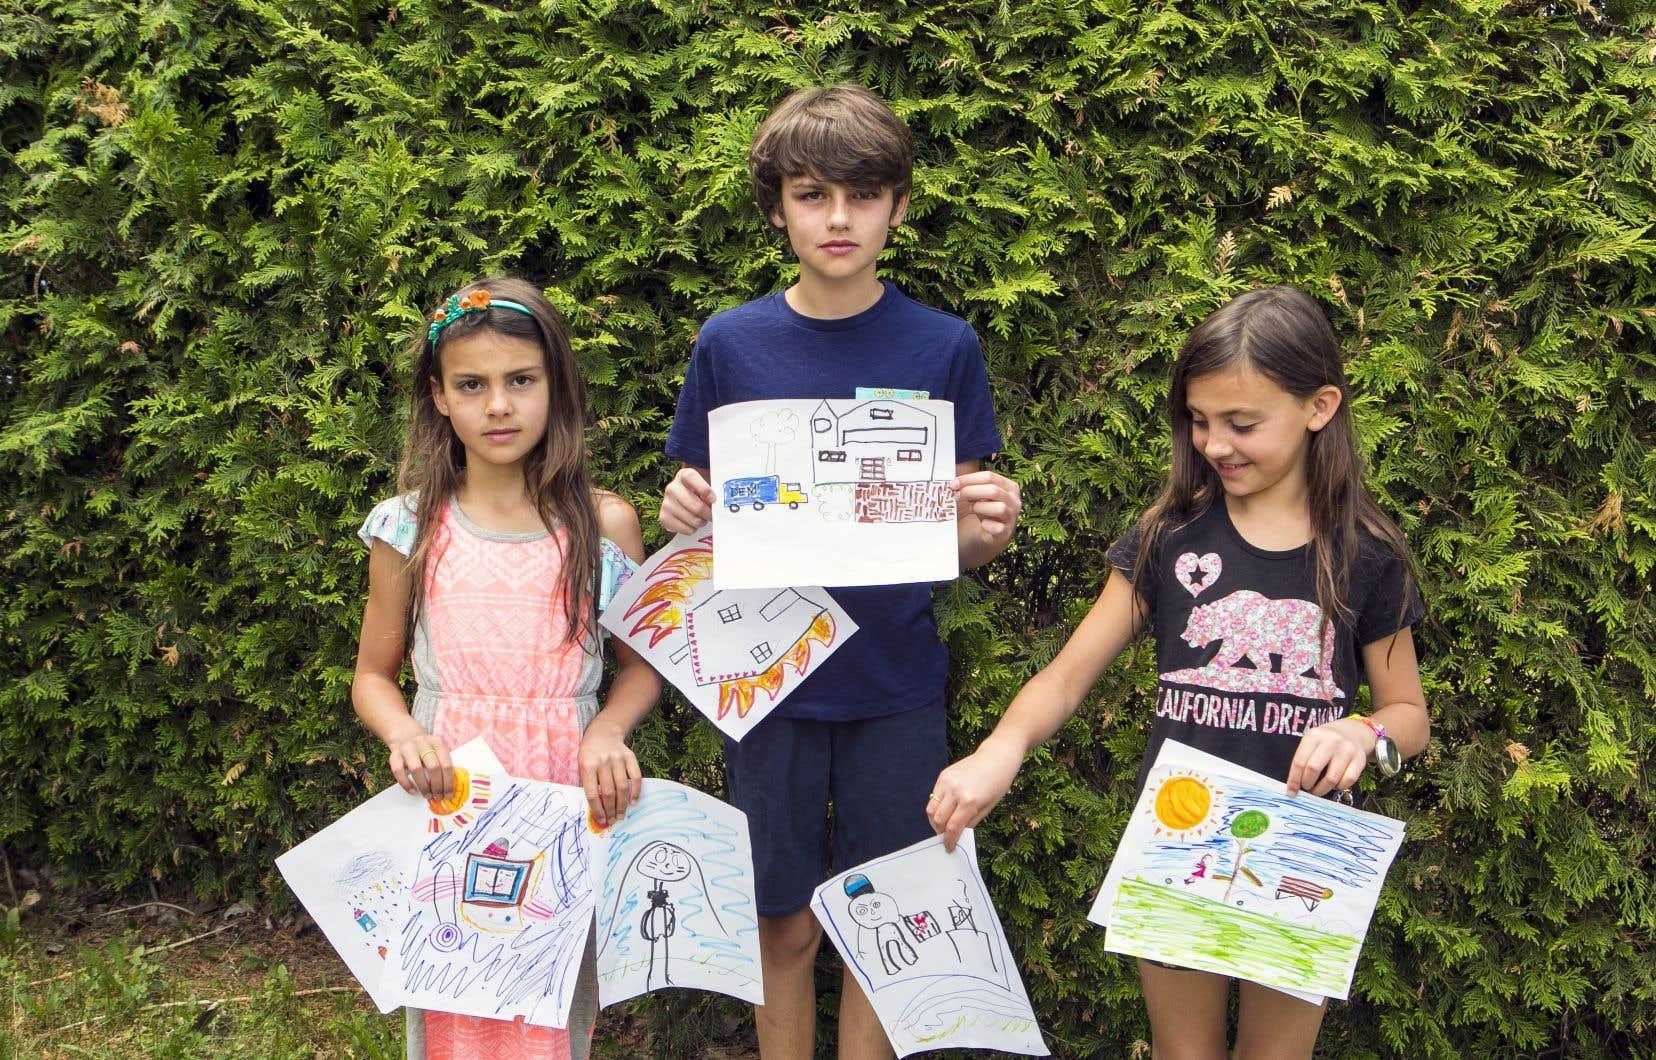 À quoi ressemble un monde sans optimisme? Adèle, 8 ans,Léon, 10 ans, et Marie Odile, 7 ans, l'ont imaginé dans le cadre d'un atelier de philocréation.